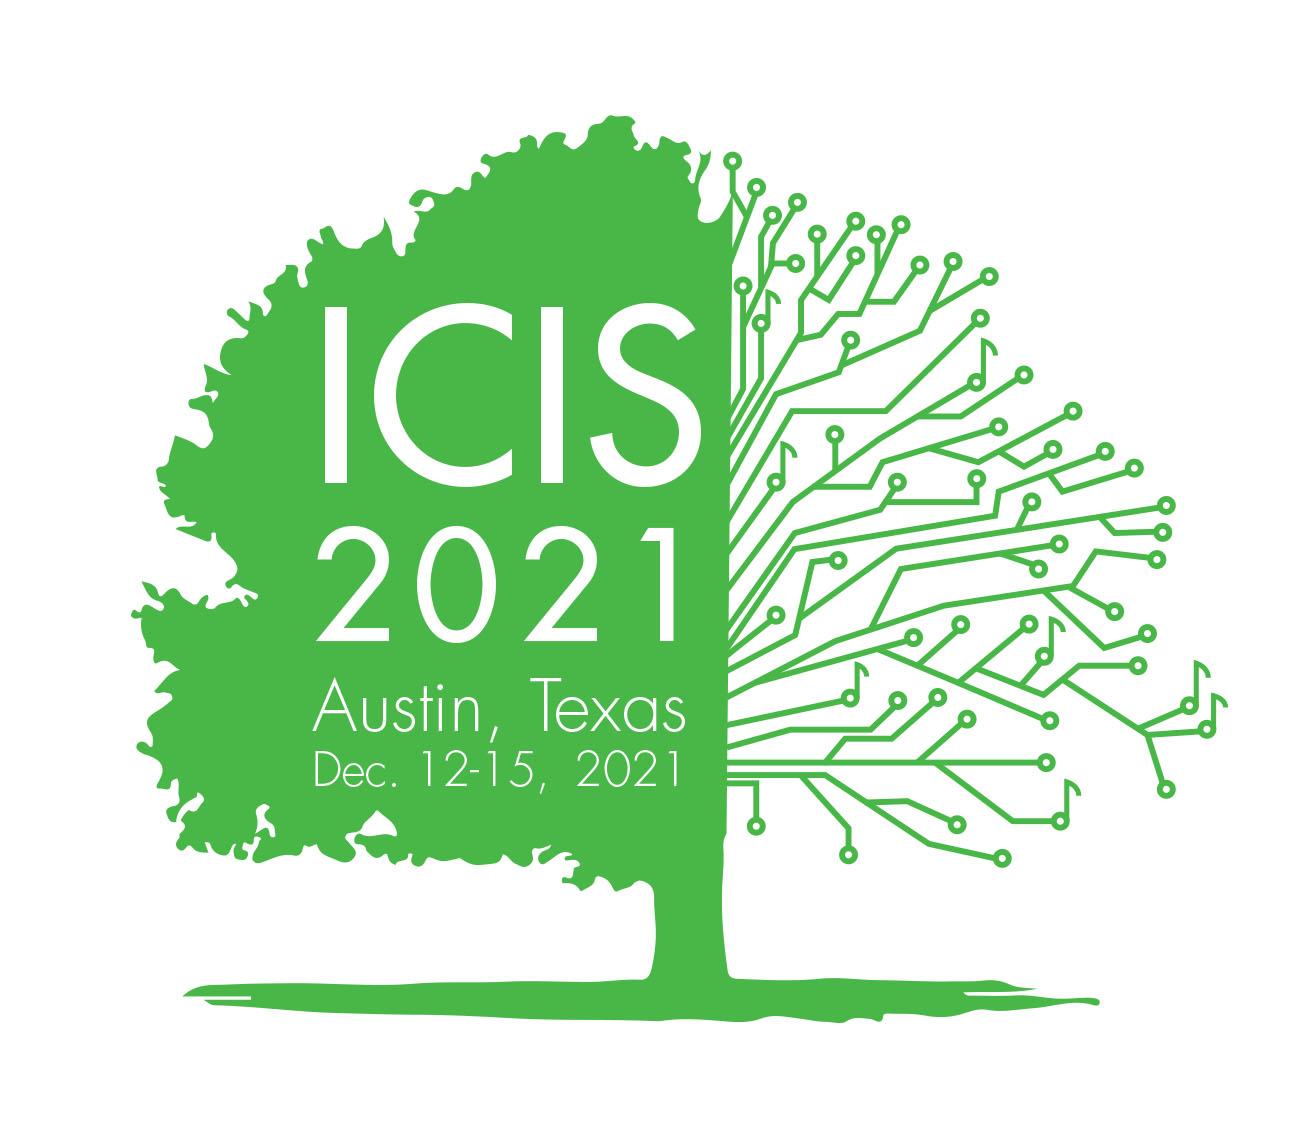 ICIS 2021